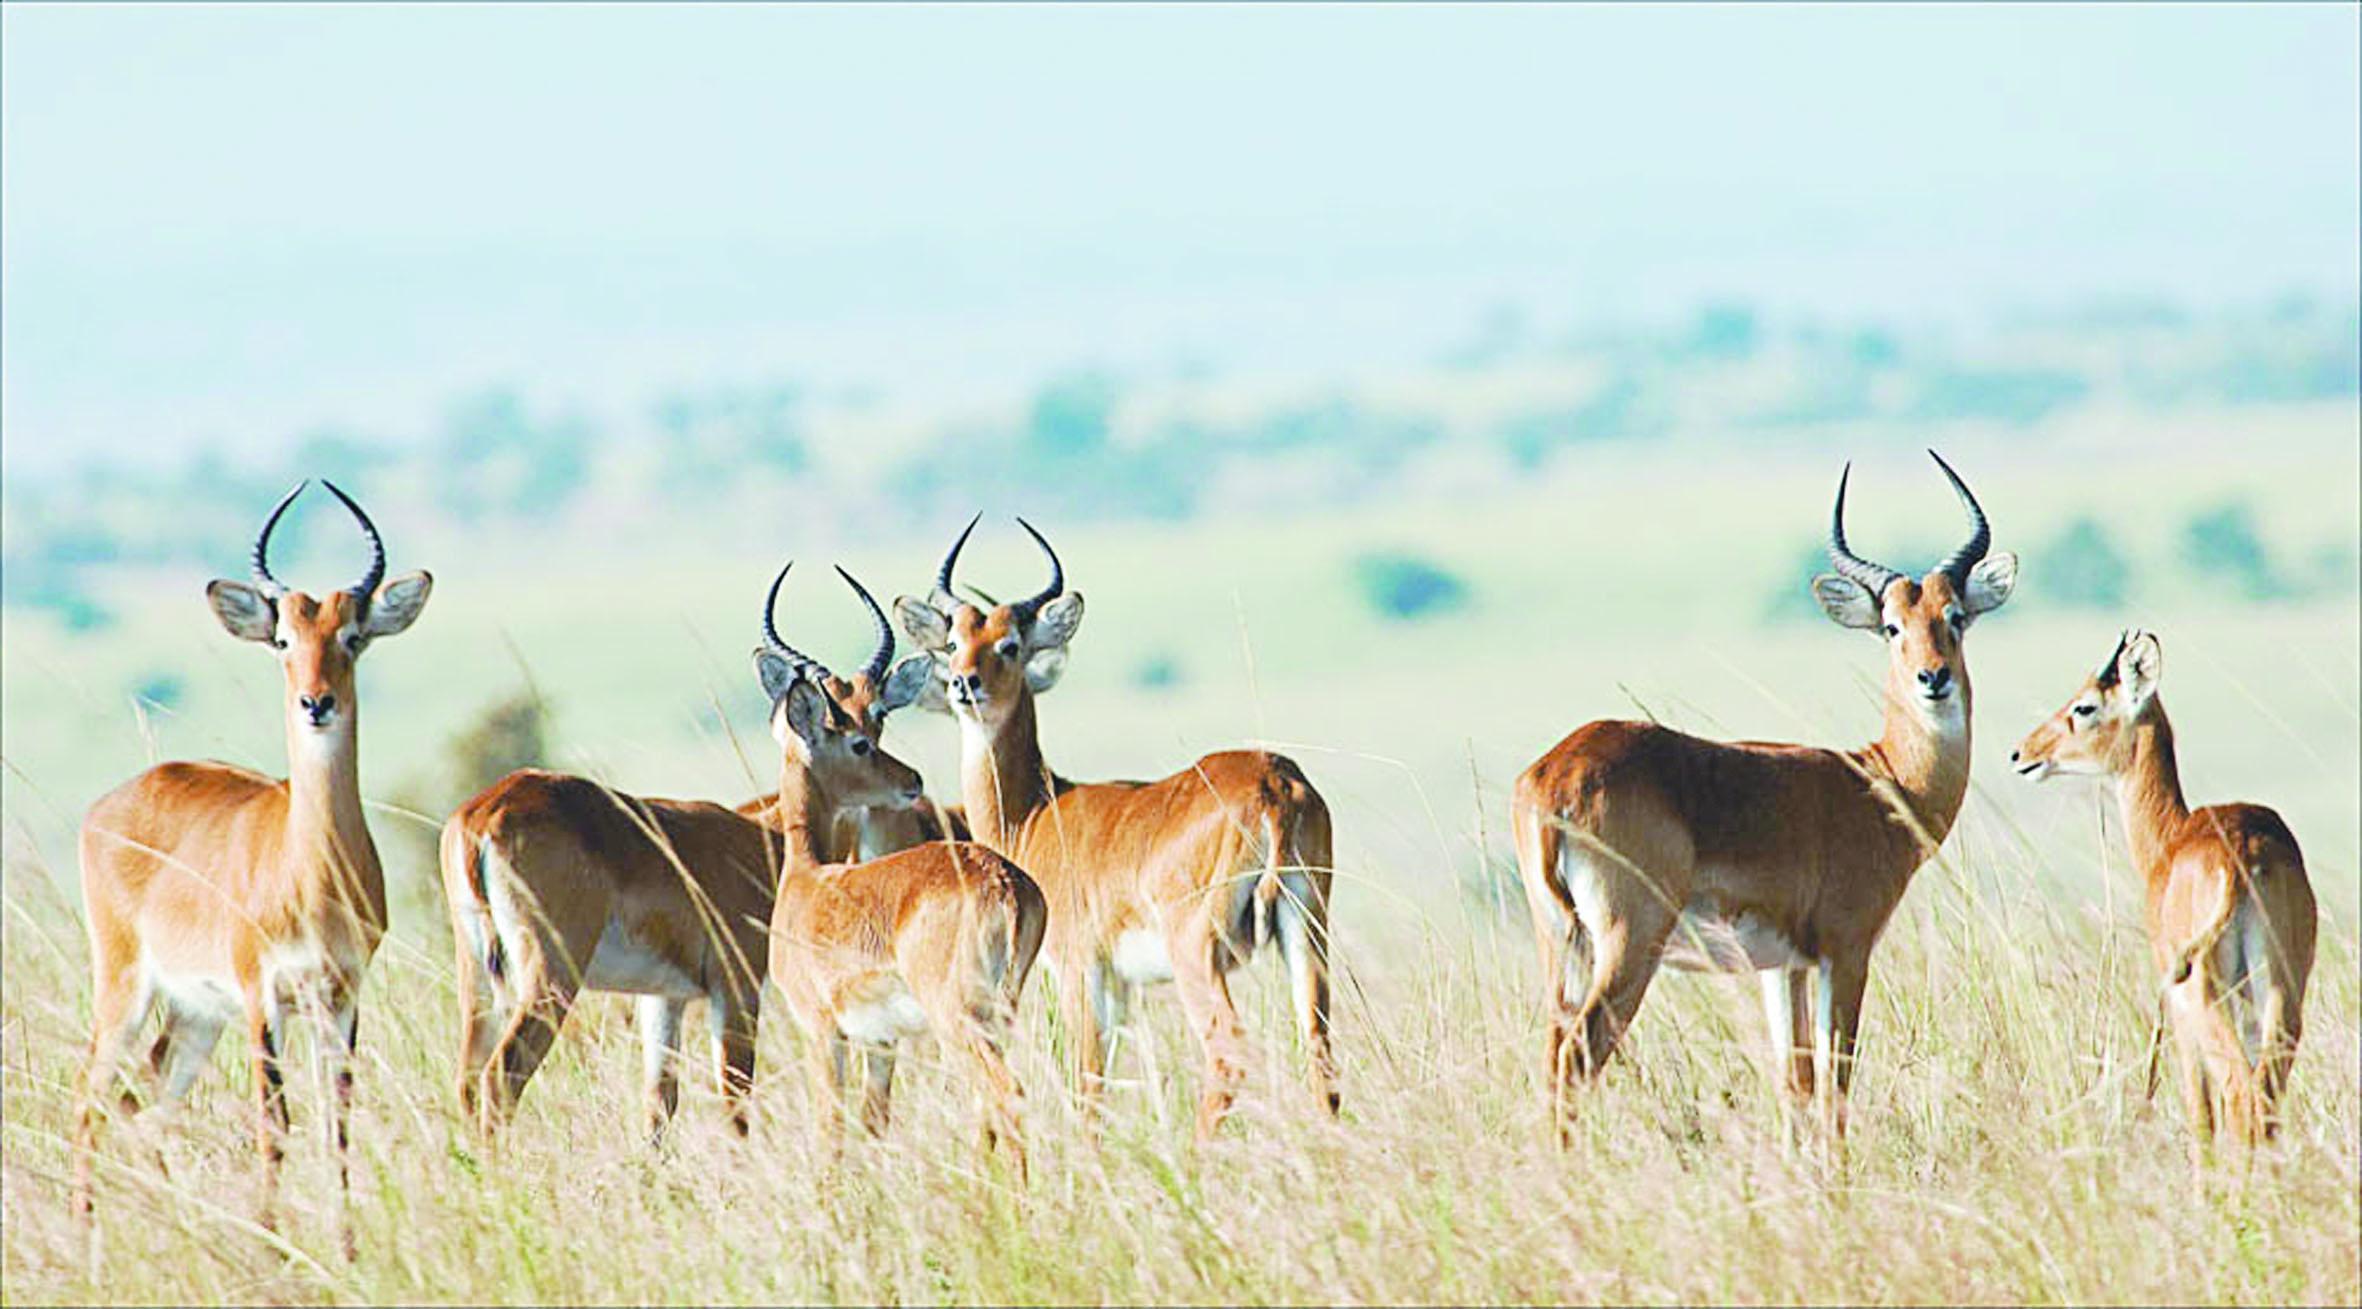 Les antilopes se sentent dans leur milieu naturel à Safia